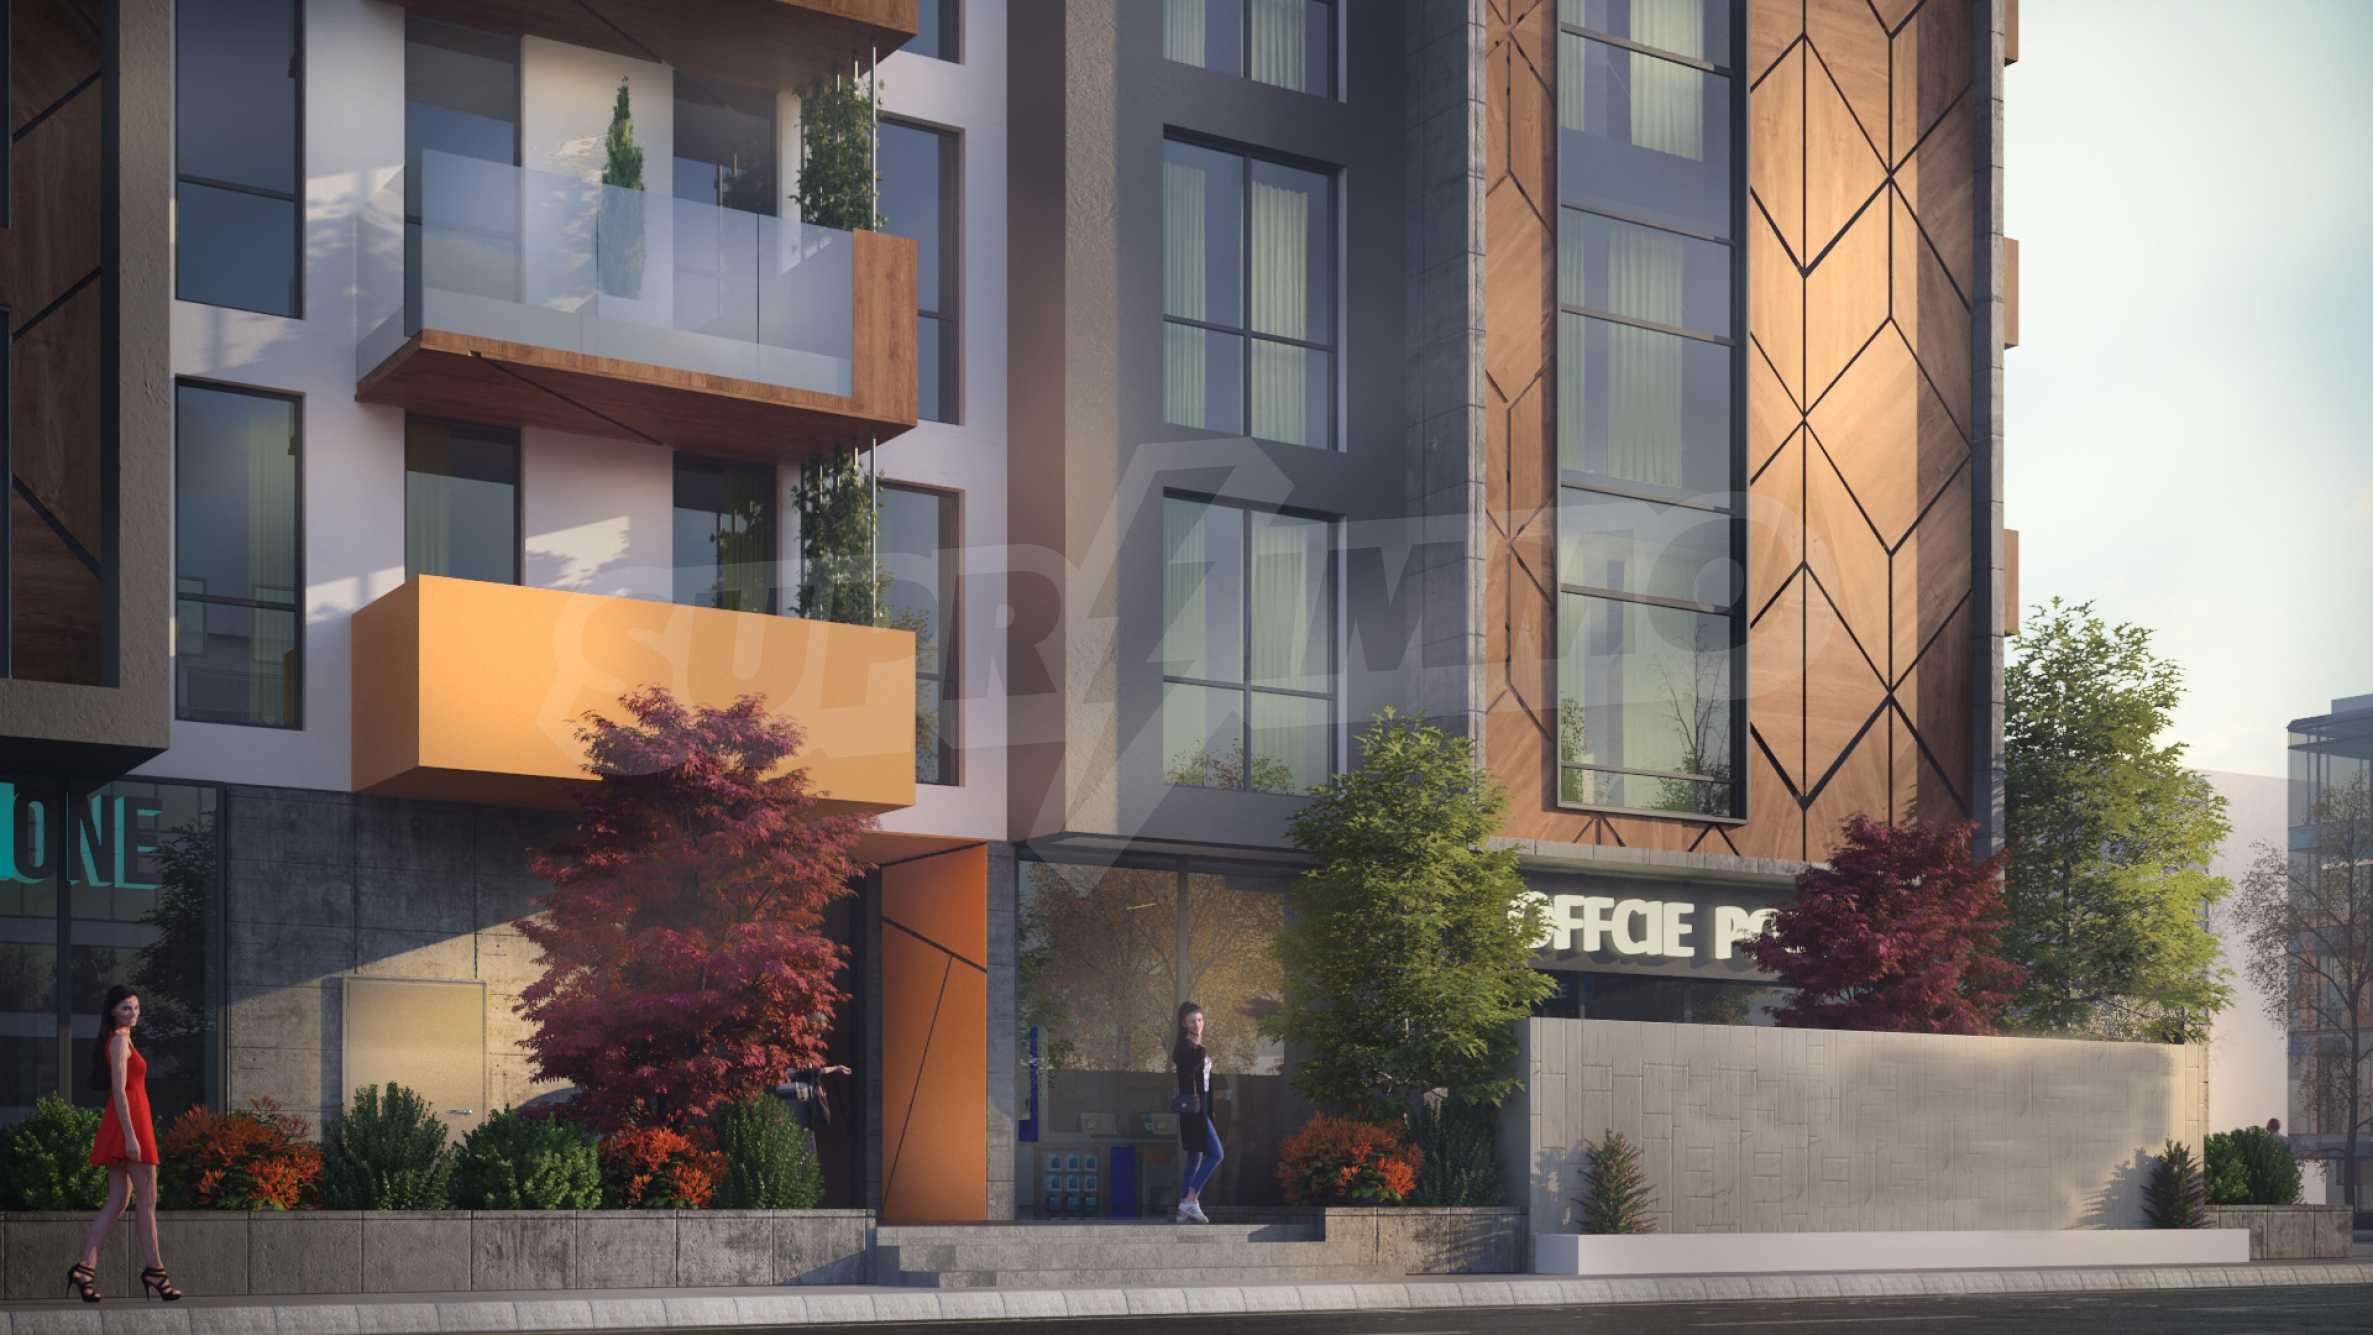 Ексклузивен комплекс на отлична локация в близост до бъдеща метростанция  17